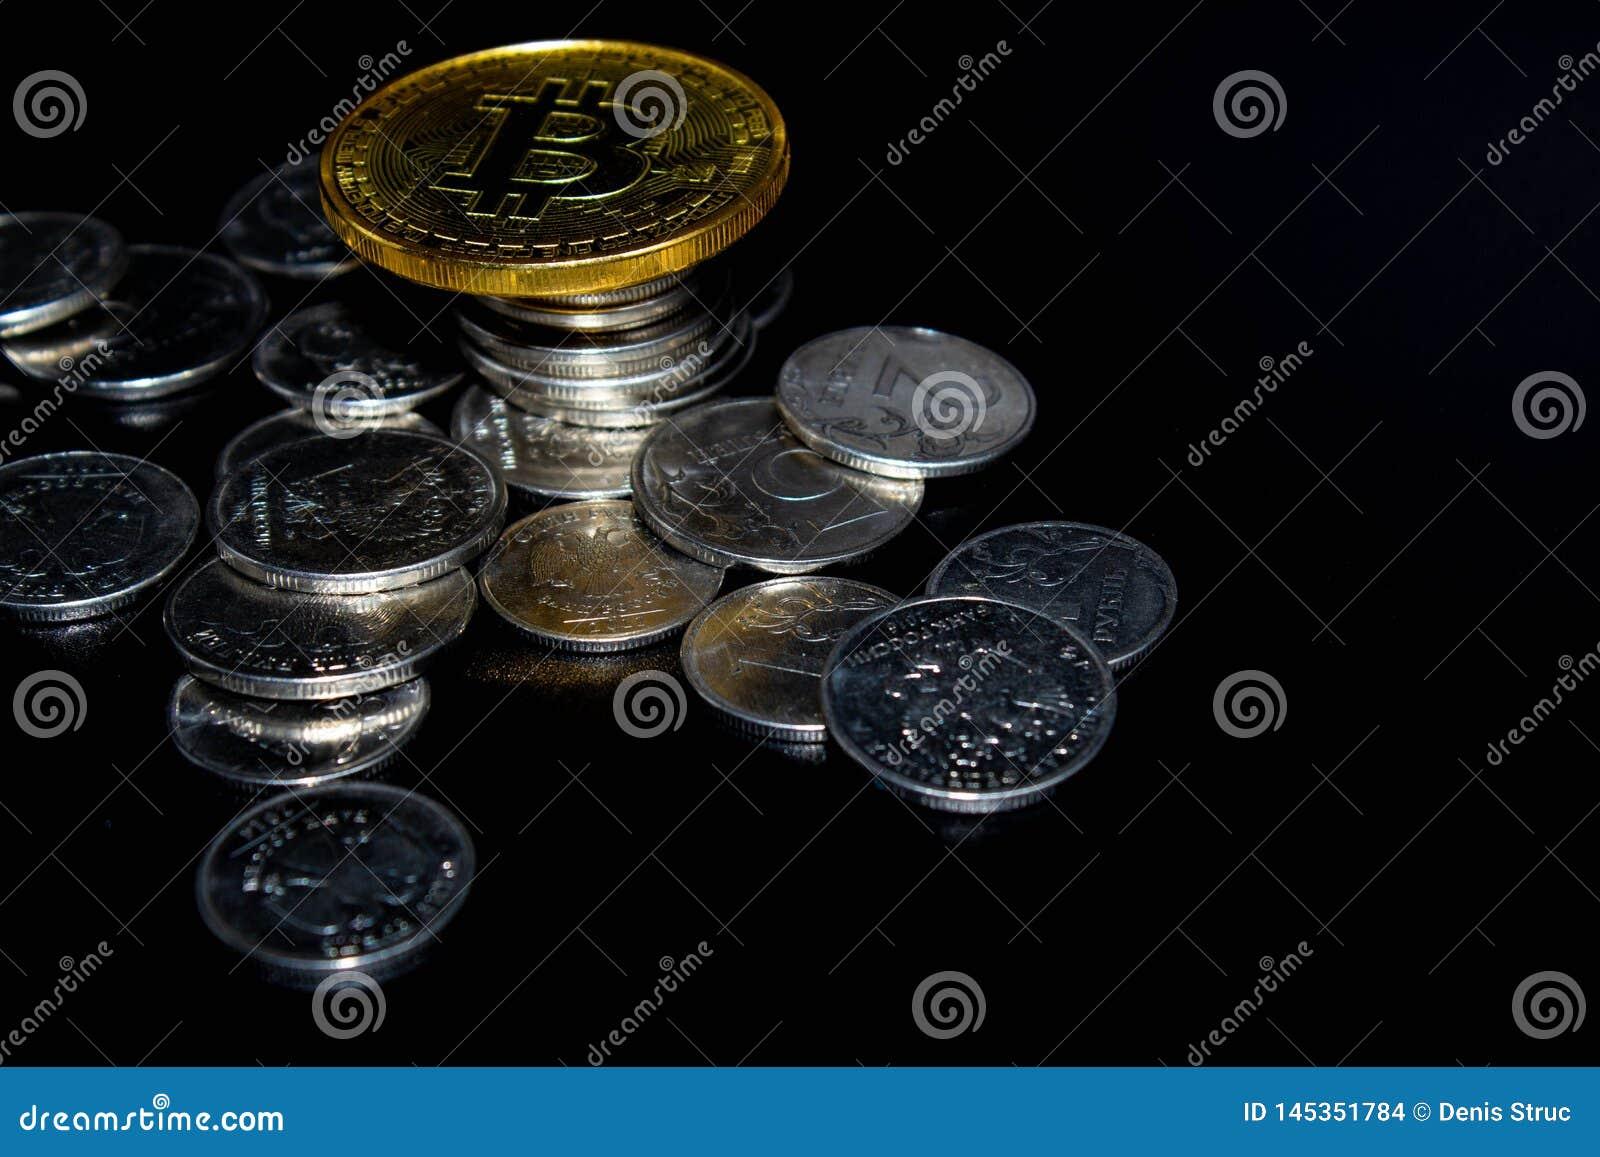 Z?oty Bitcoin na czarnym tle, pieni?dze